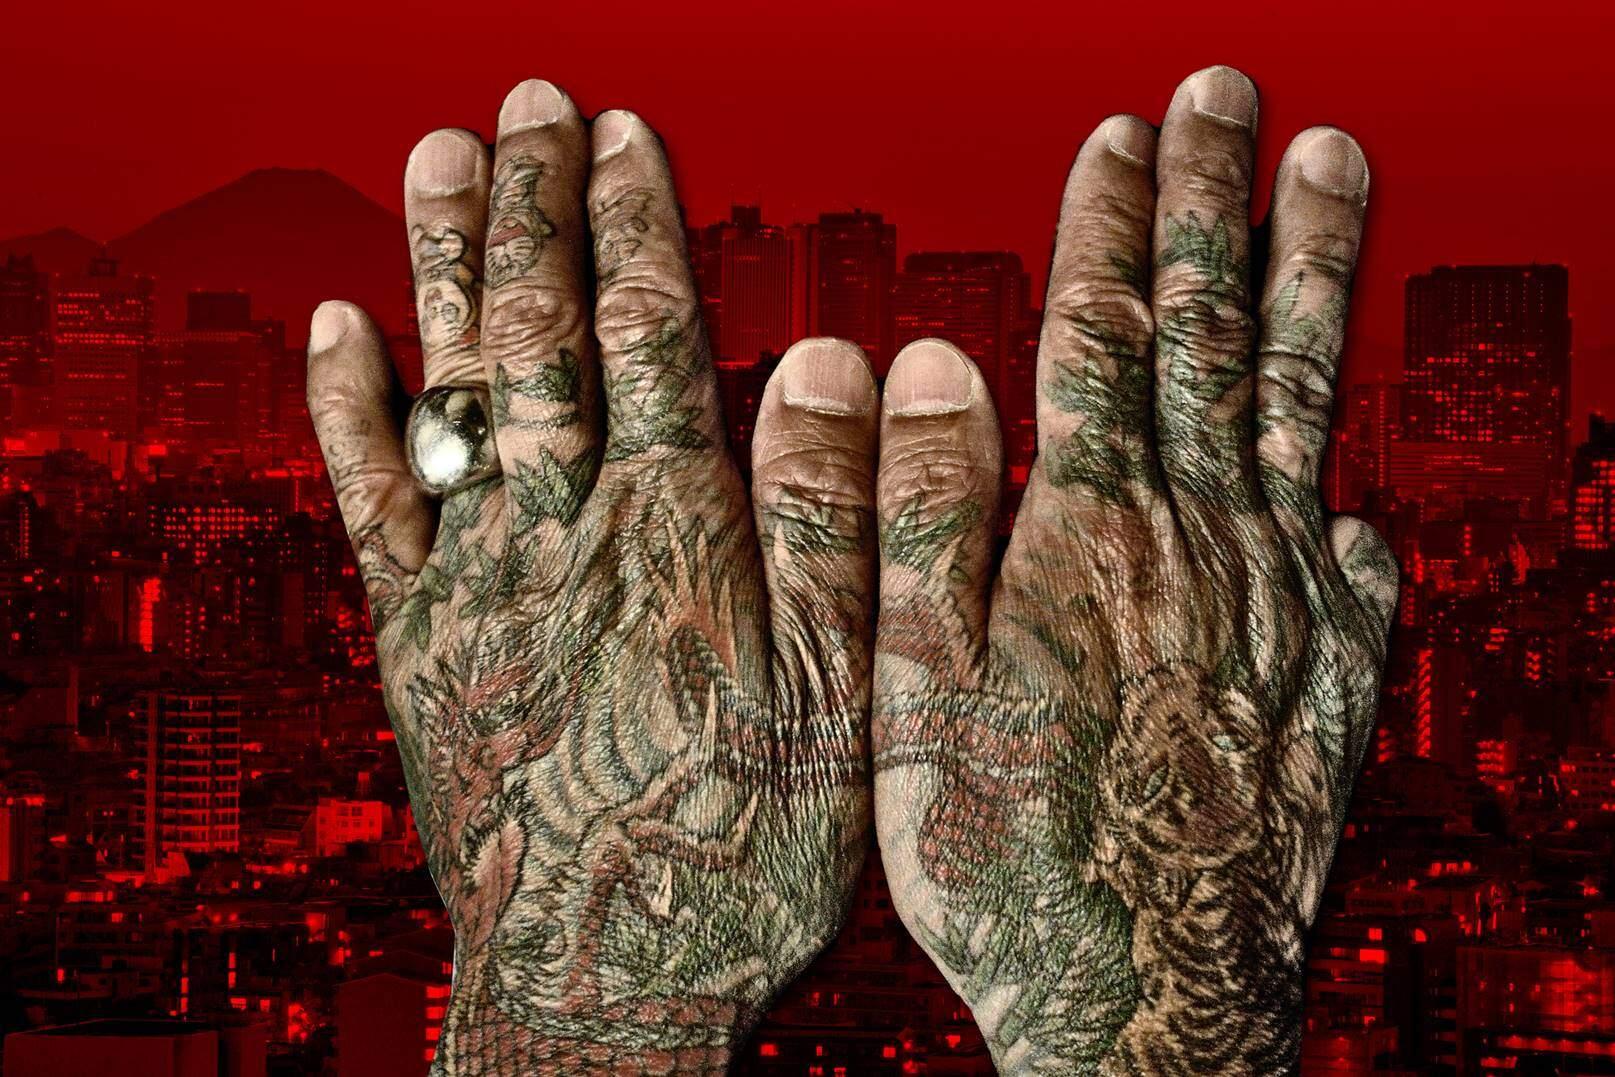 Yakuza Japonya'daki geleneksel organize suç örgütlerinin üyelerine verilen isimdir. Her ülkede adamları olabilen örgütün üyelerine, küçük parmaklarını kestiklerinden, parmağı kesikler veya dokuz parmaklılar da deniyor. Dövmeleri mavi ve kırmızı doğal boyalarla yapılır. Japonya'da feodal dönemde suçlulara dövme yapılırdı. Fotoğraf: The Daily Beast